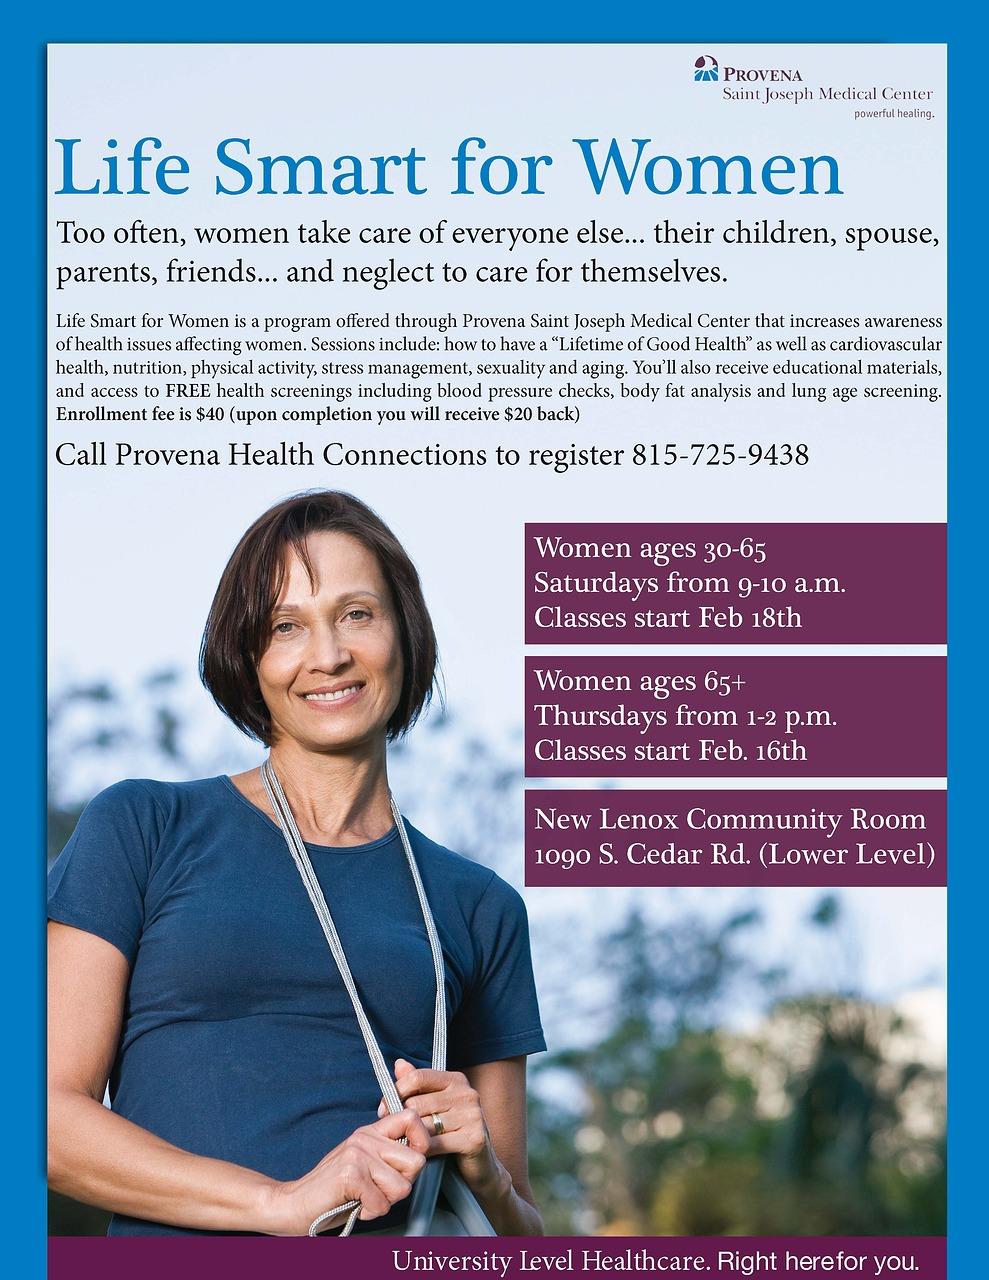 Life+Smart+for+Women+Flyer_v2